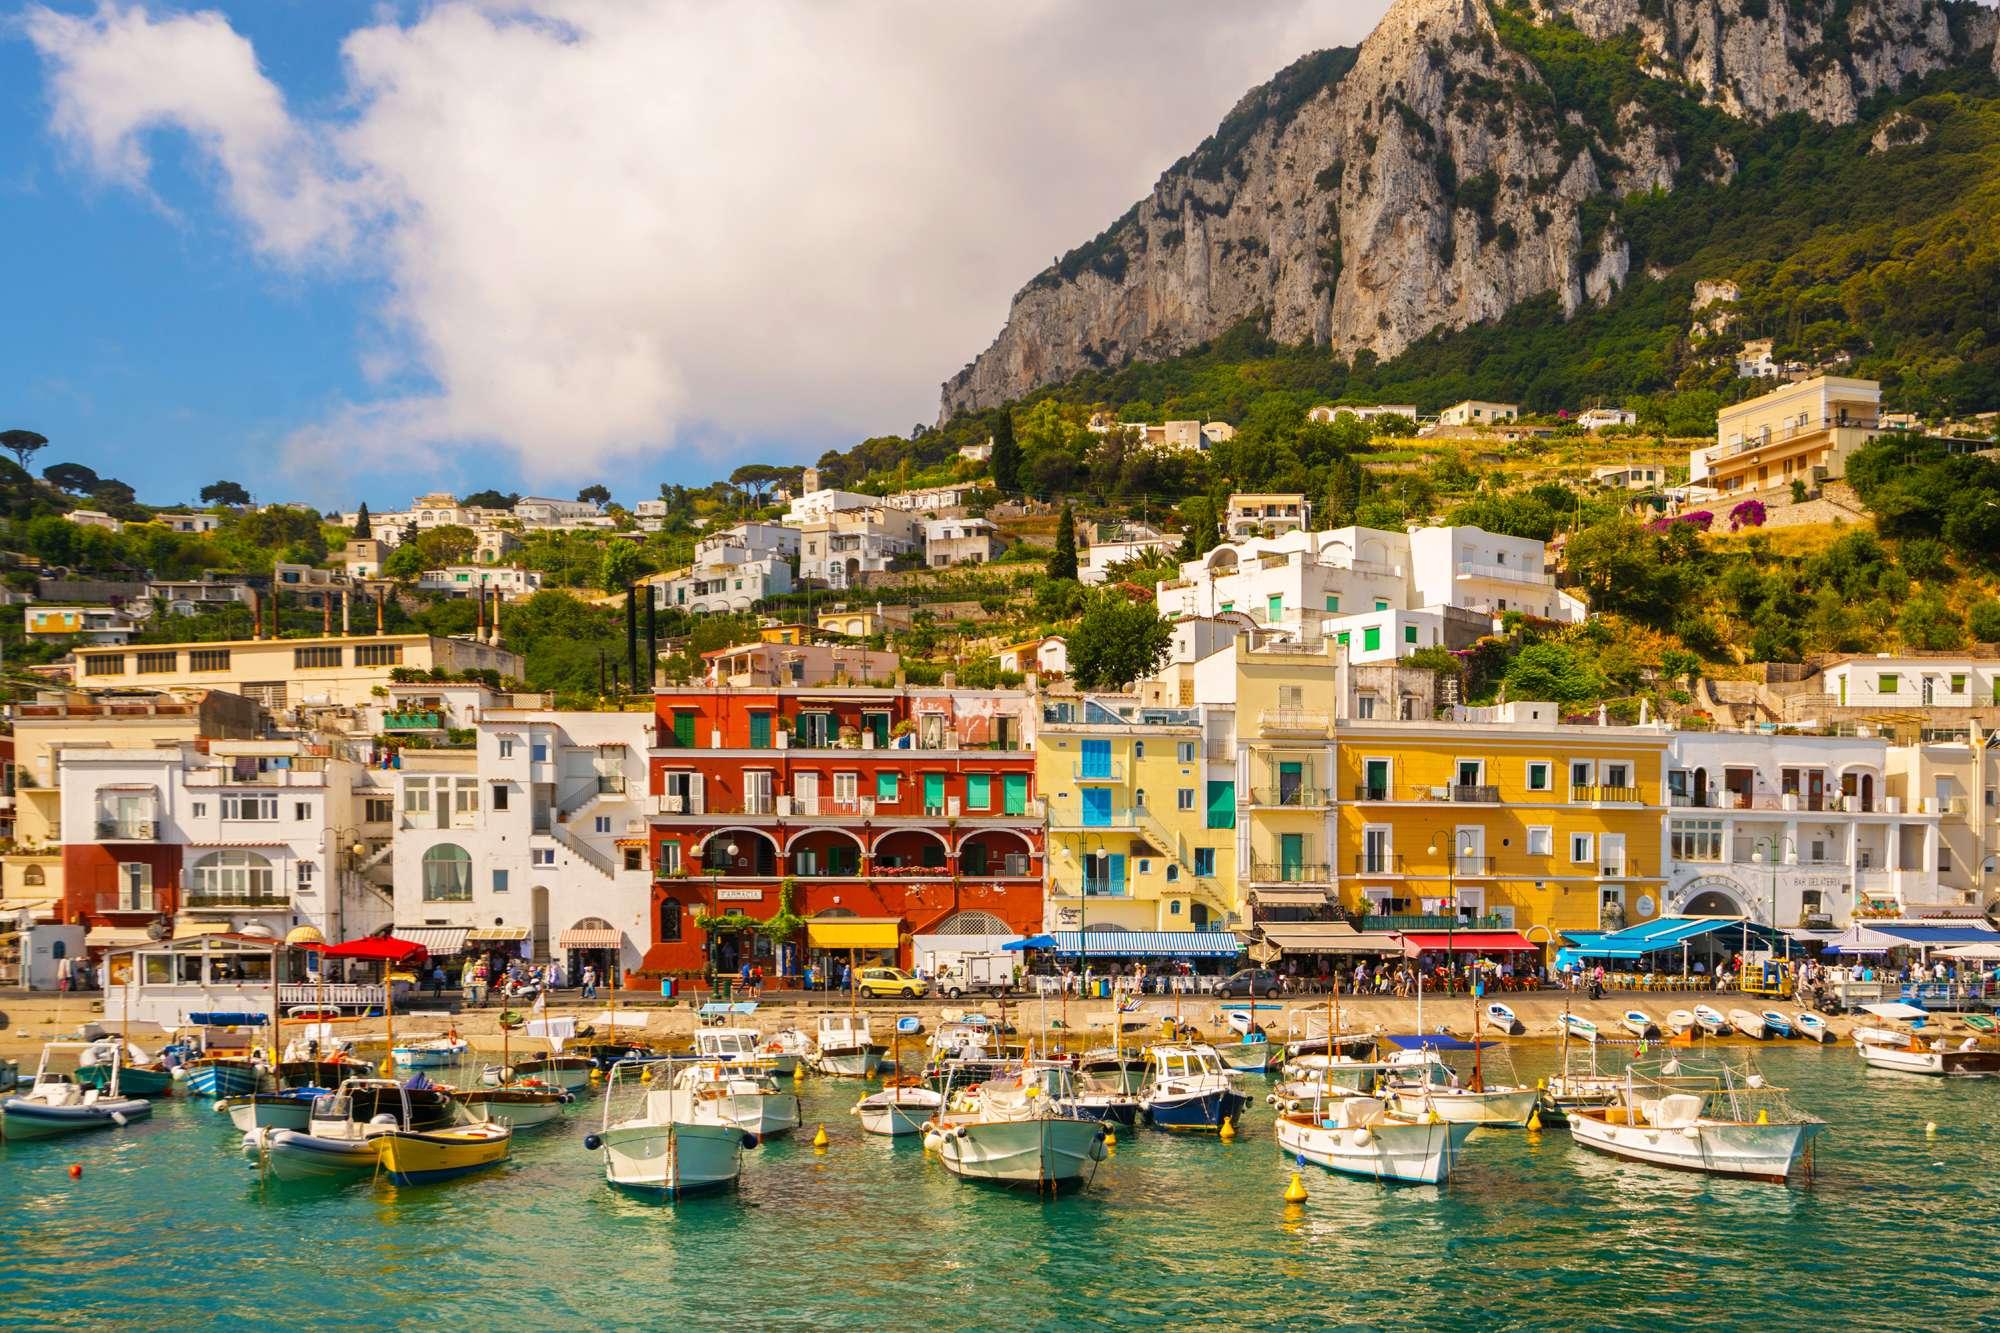 edu italy naples capri island boats